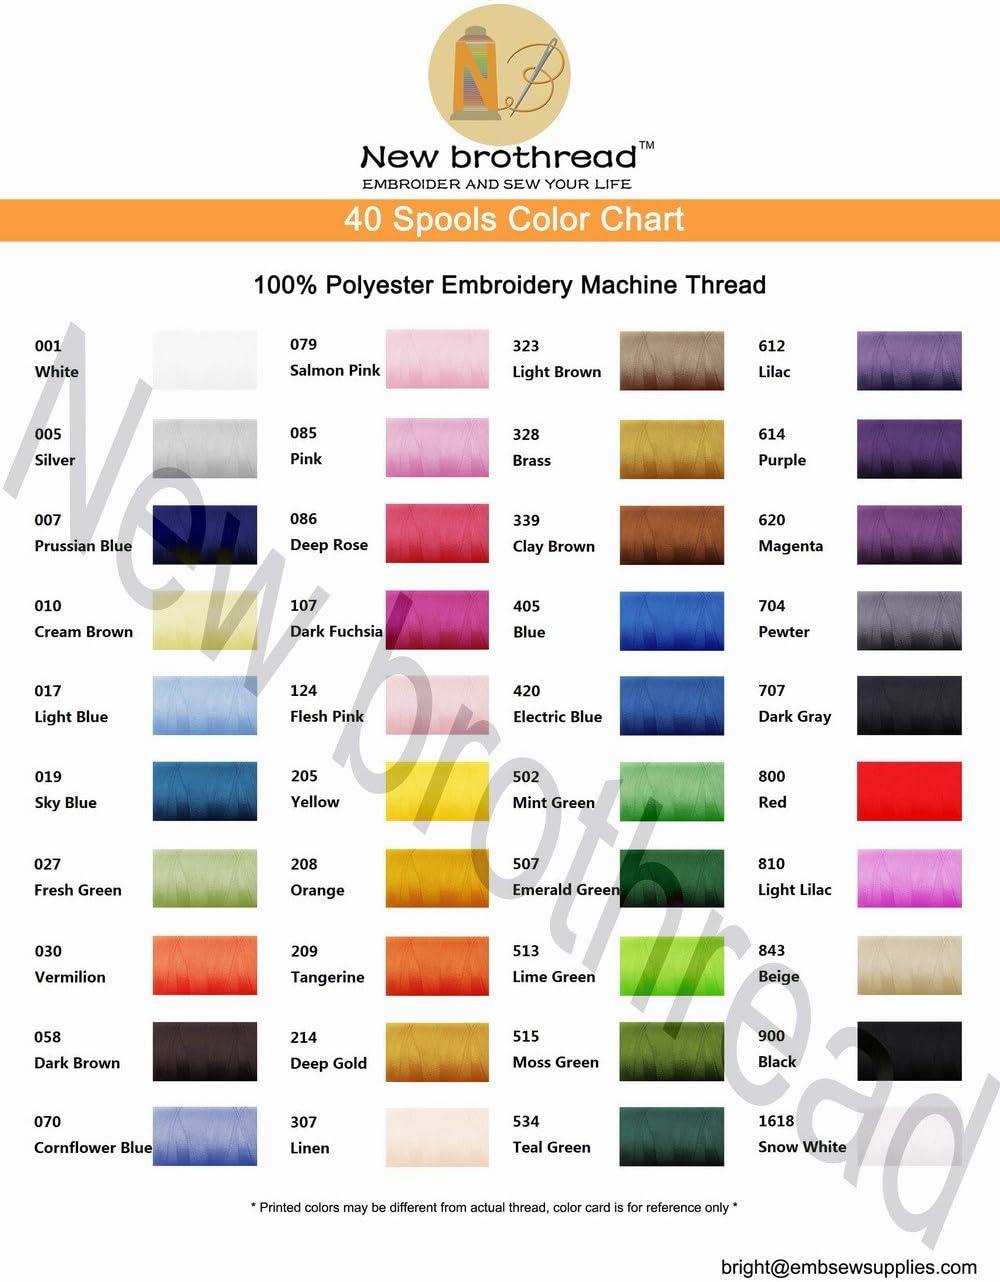 New brothread 40 Brother Colores 500M(550Y) Poliéster Bordado ...